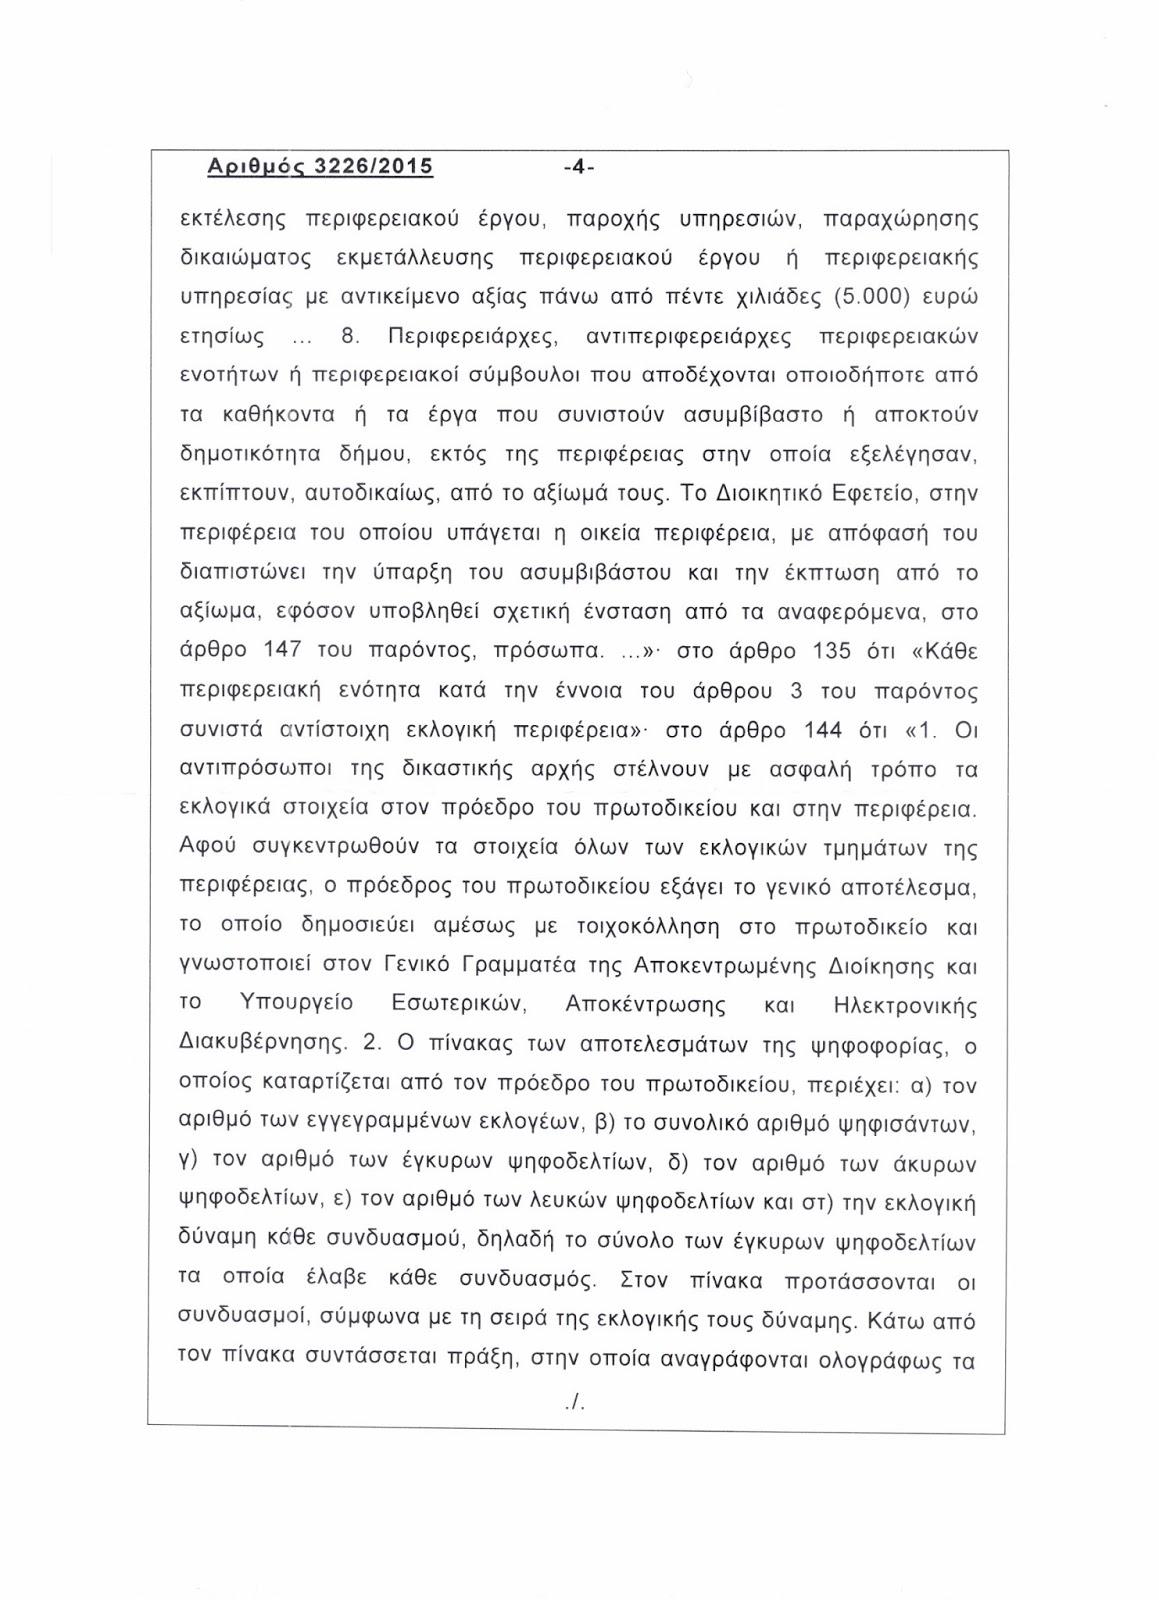 Ὁλόκληρη ἡ ἀπόφασις τοῦ ΣτΕ γιὰ τὸν Γιαννακόπουλο4